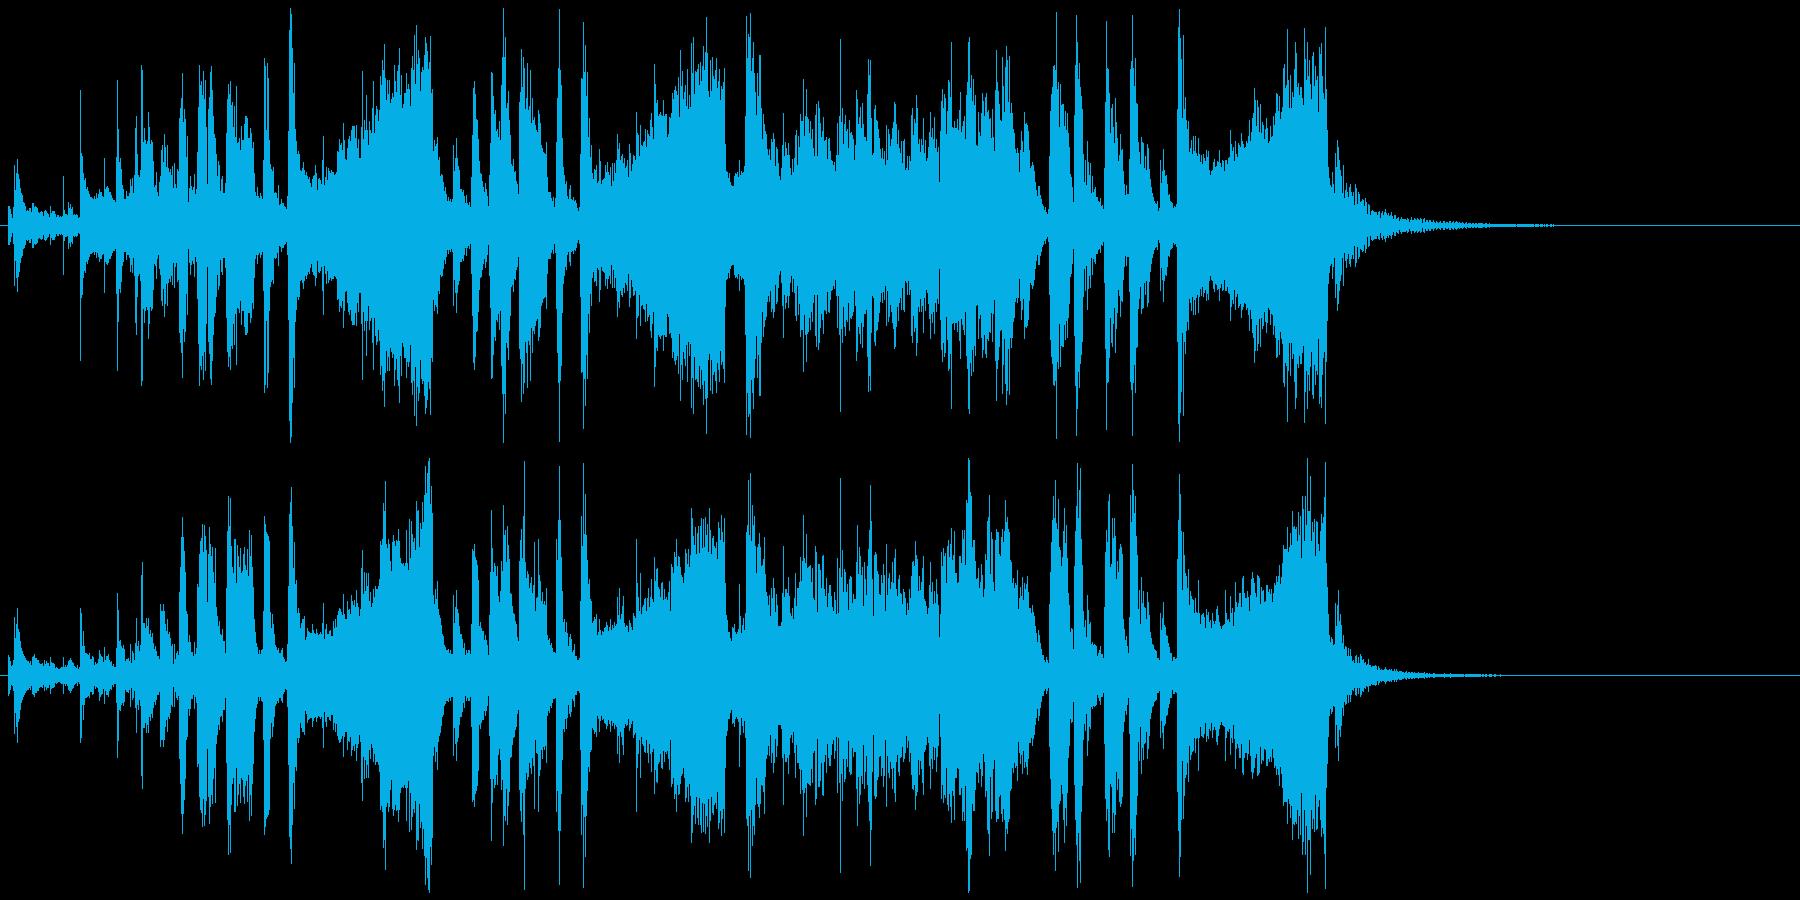 ビッグバンドサウンドOpening向けの再生済みの波形